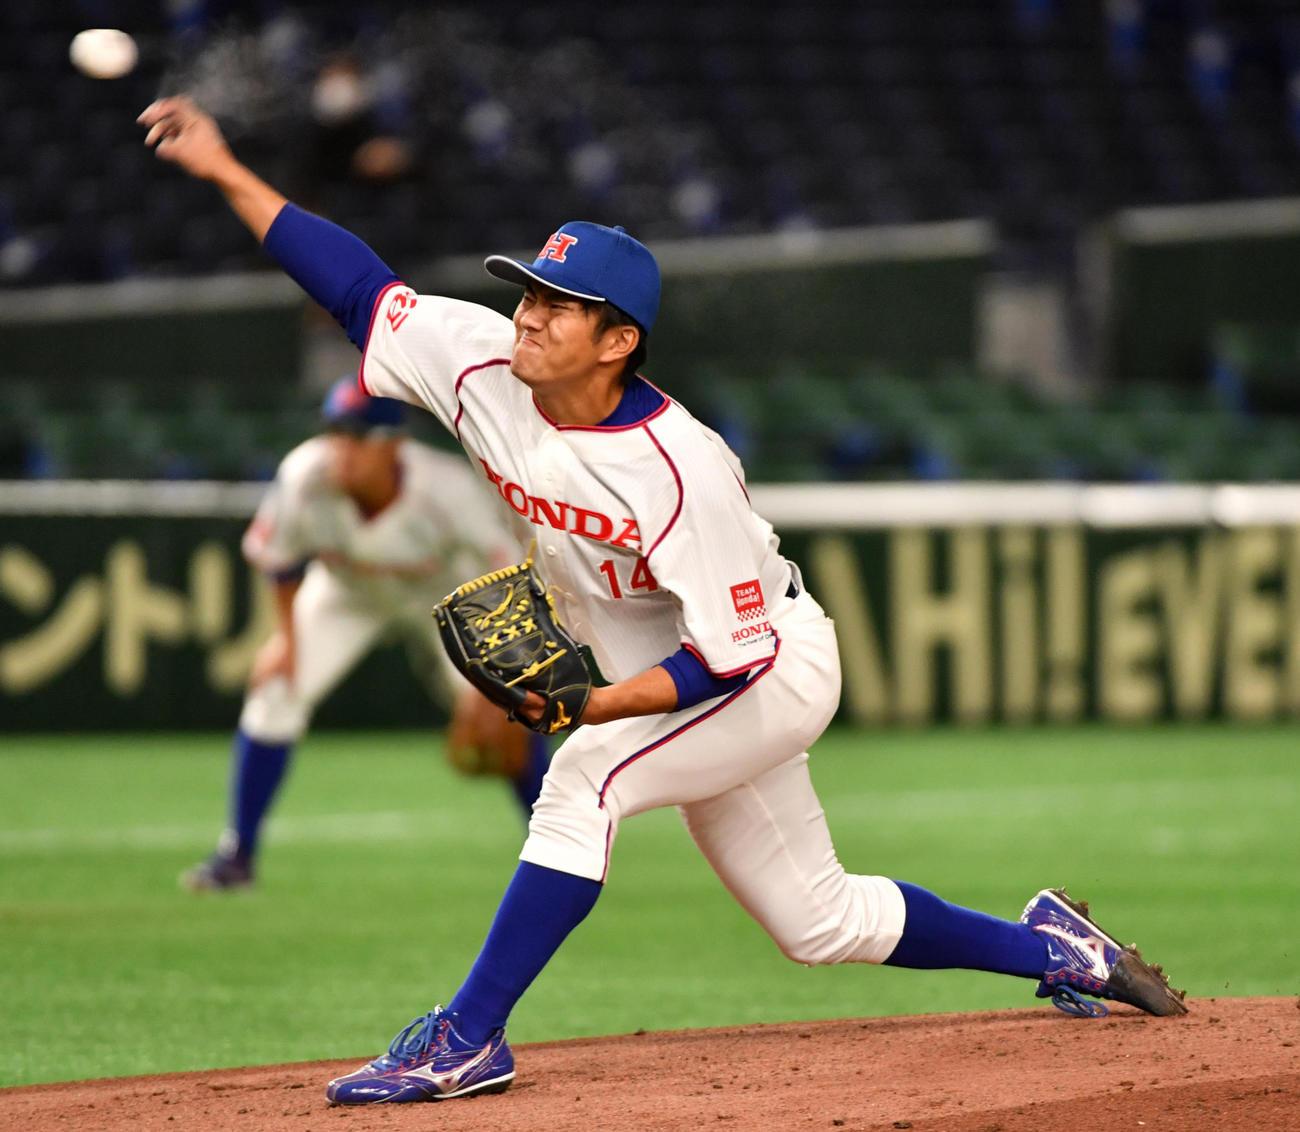 ホンダ対大阪ガス 先発したホンダ・朝山(撮影・柴田隆二)